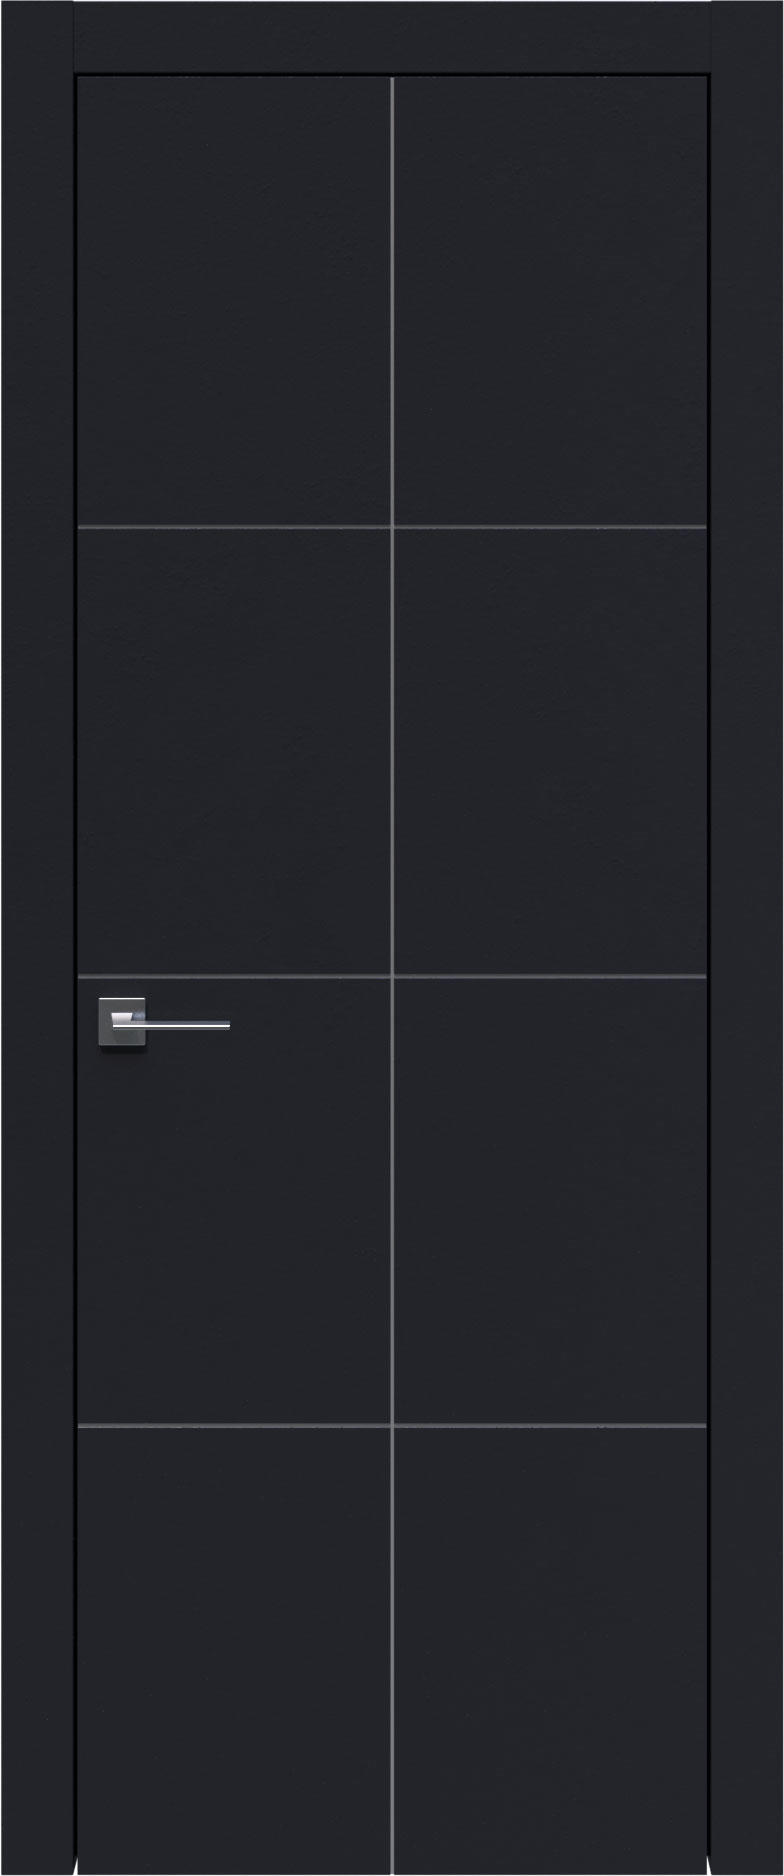 Tivoli Л-2 цвет - Черная эмаль (RAL 9004) Без стекла (ДГ)